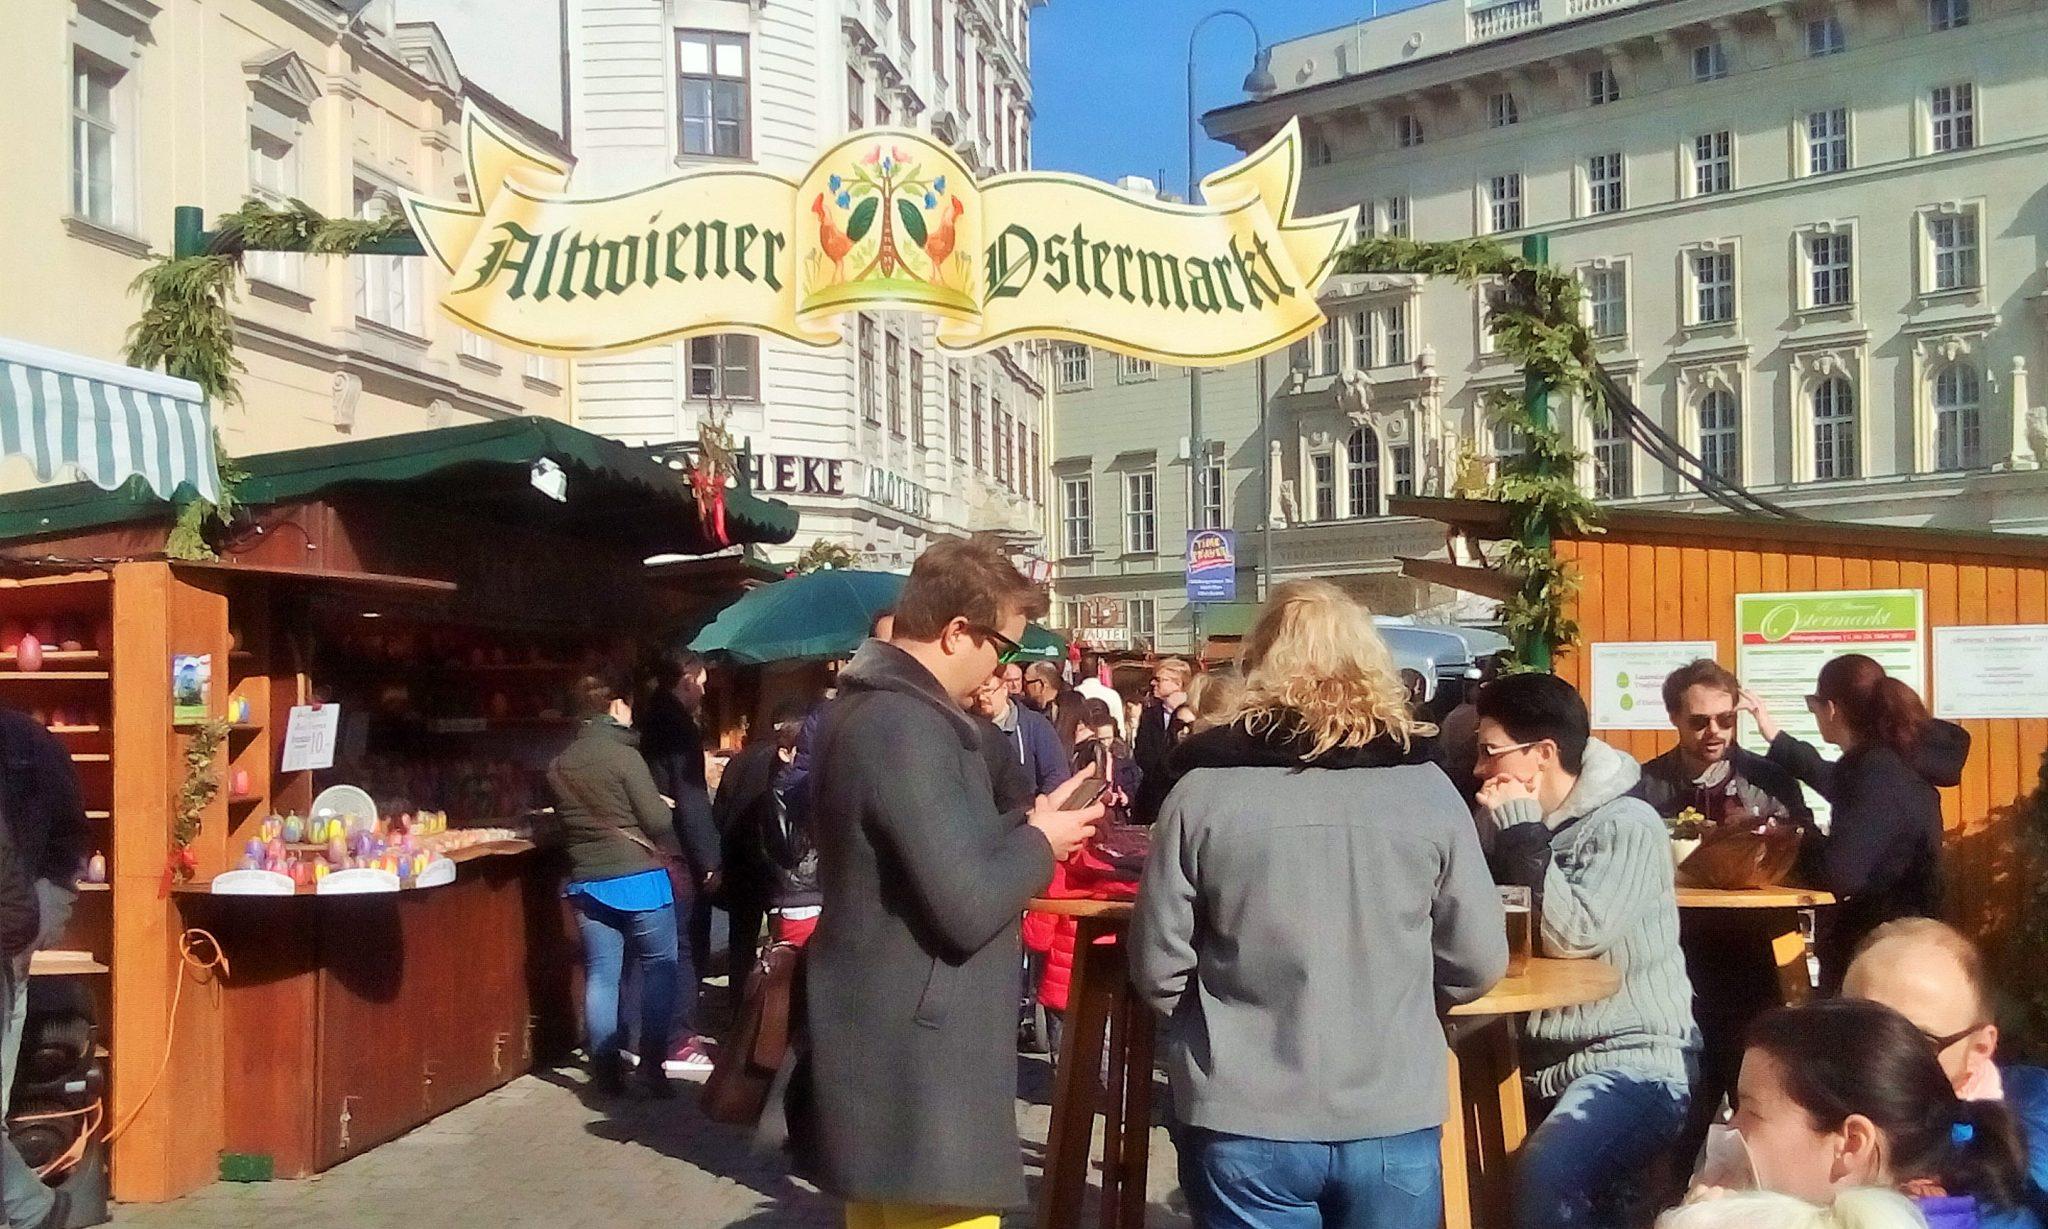 Altwiener Ostermarktの様子